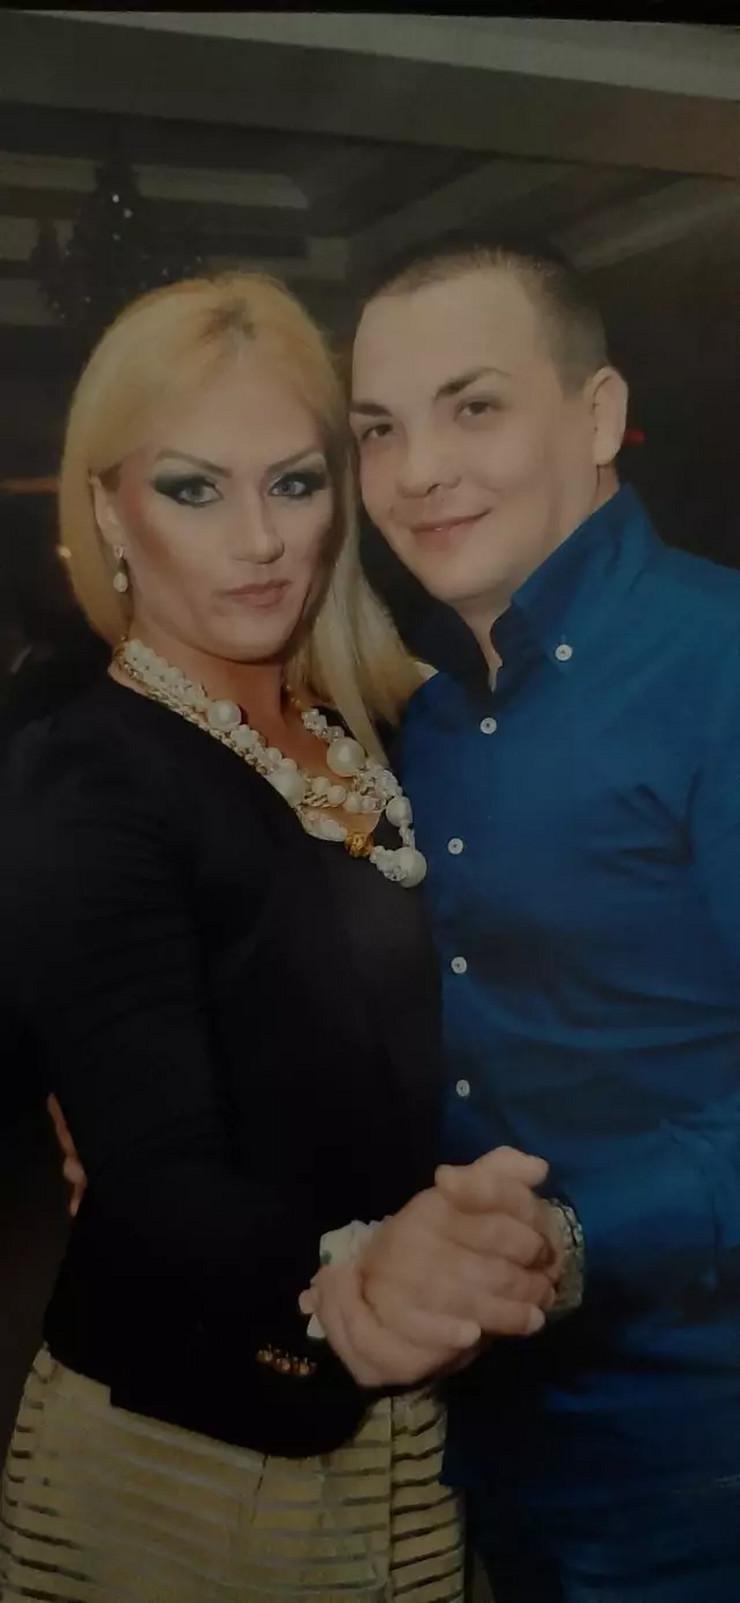 Preminula porodilja Dragana Savić sa suprugom Borisom